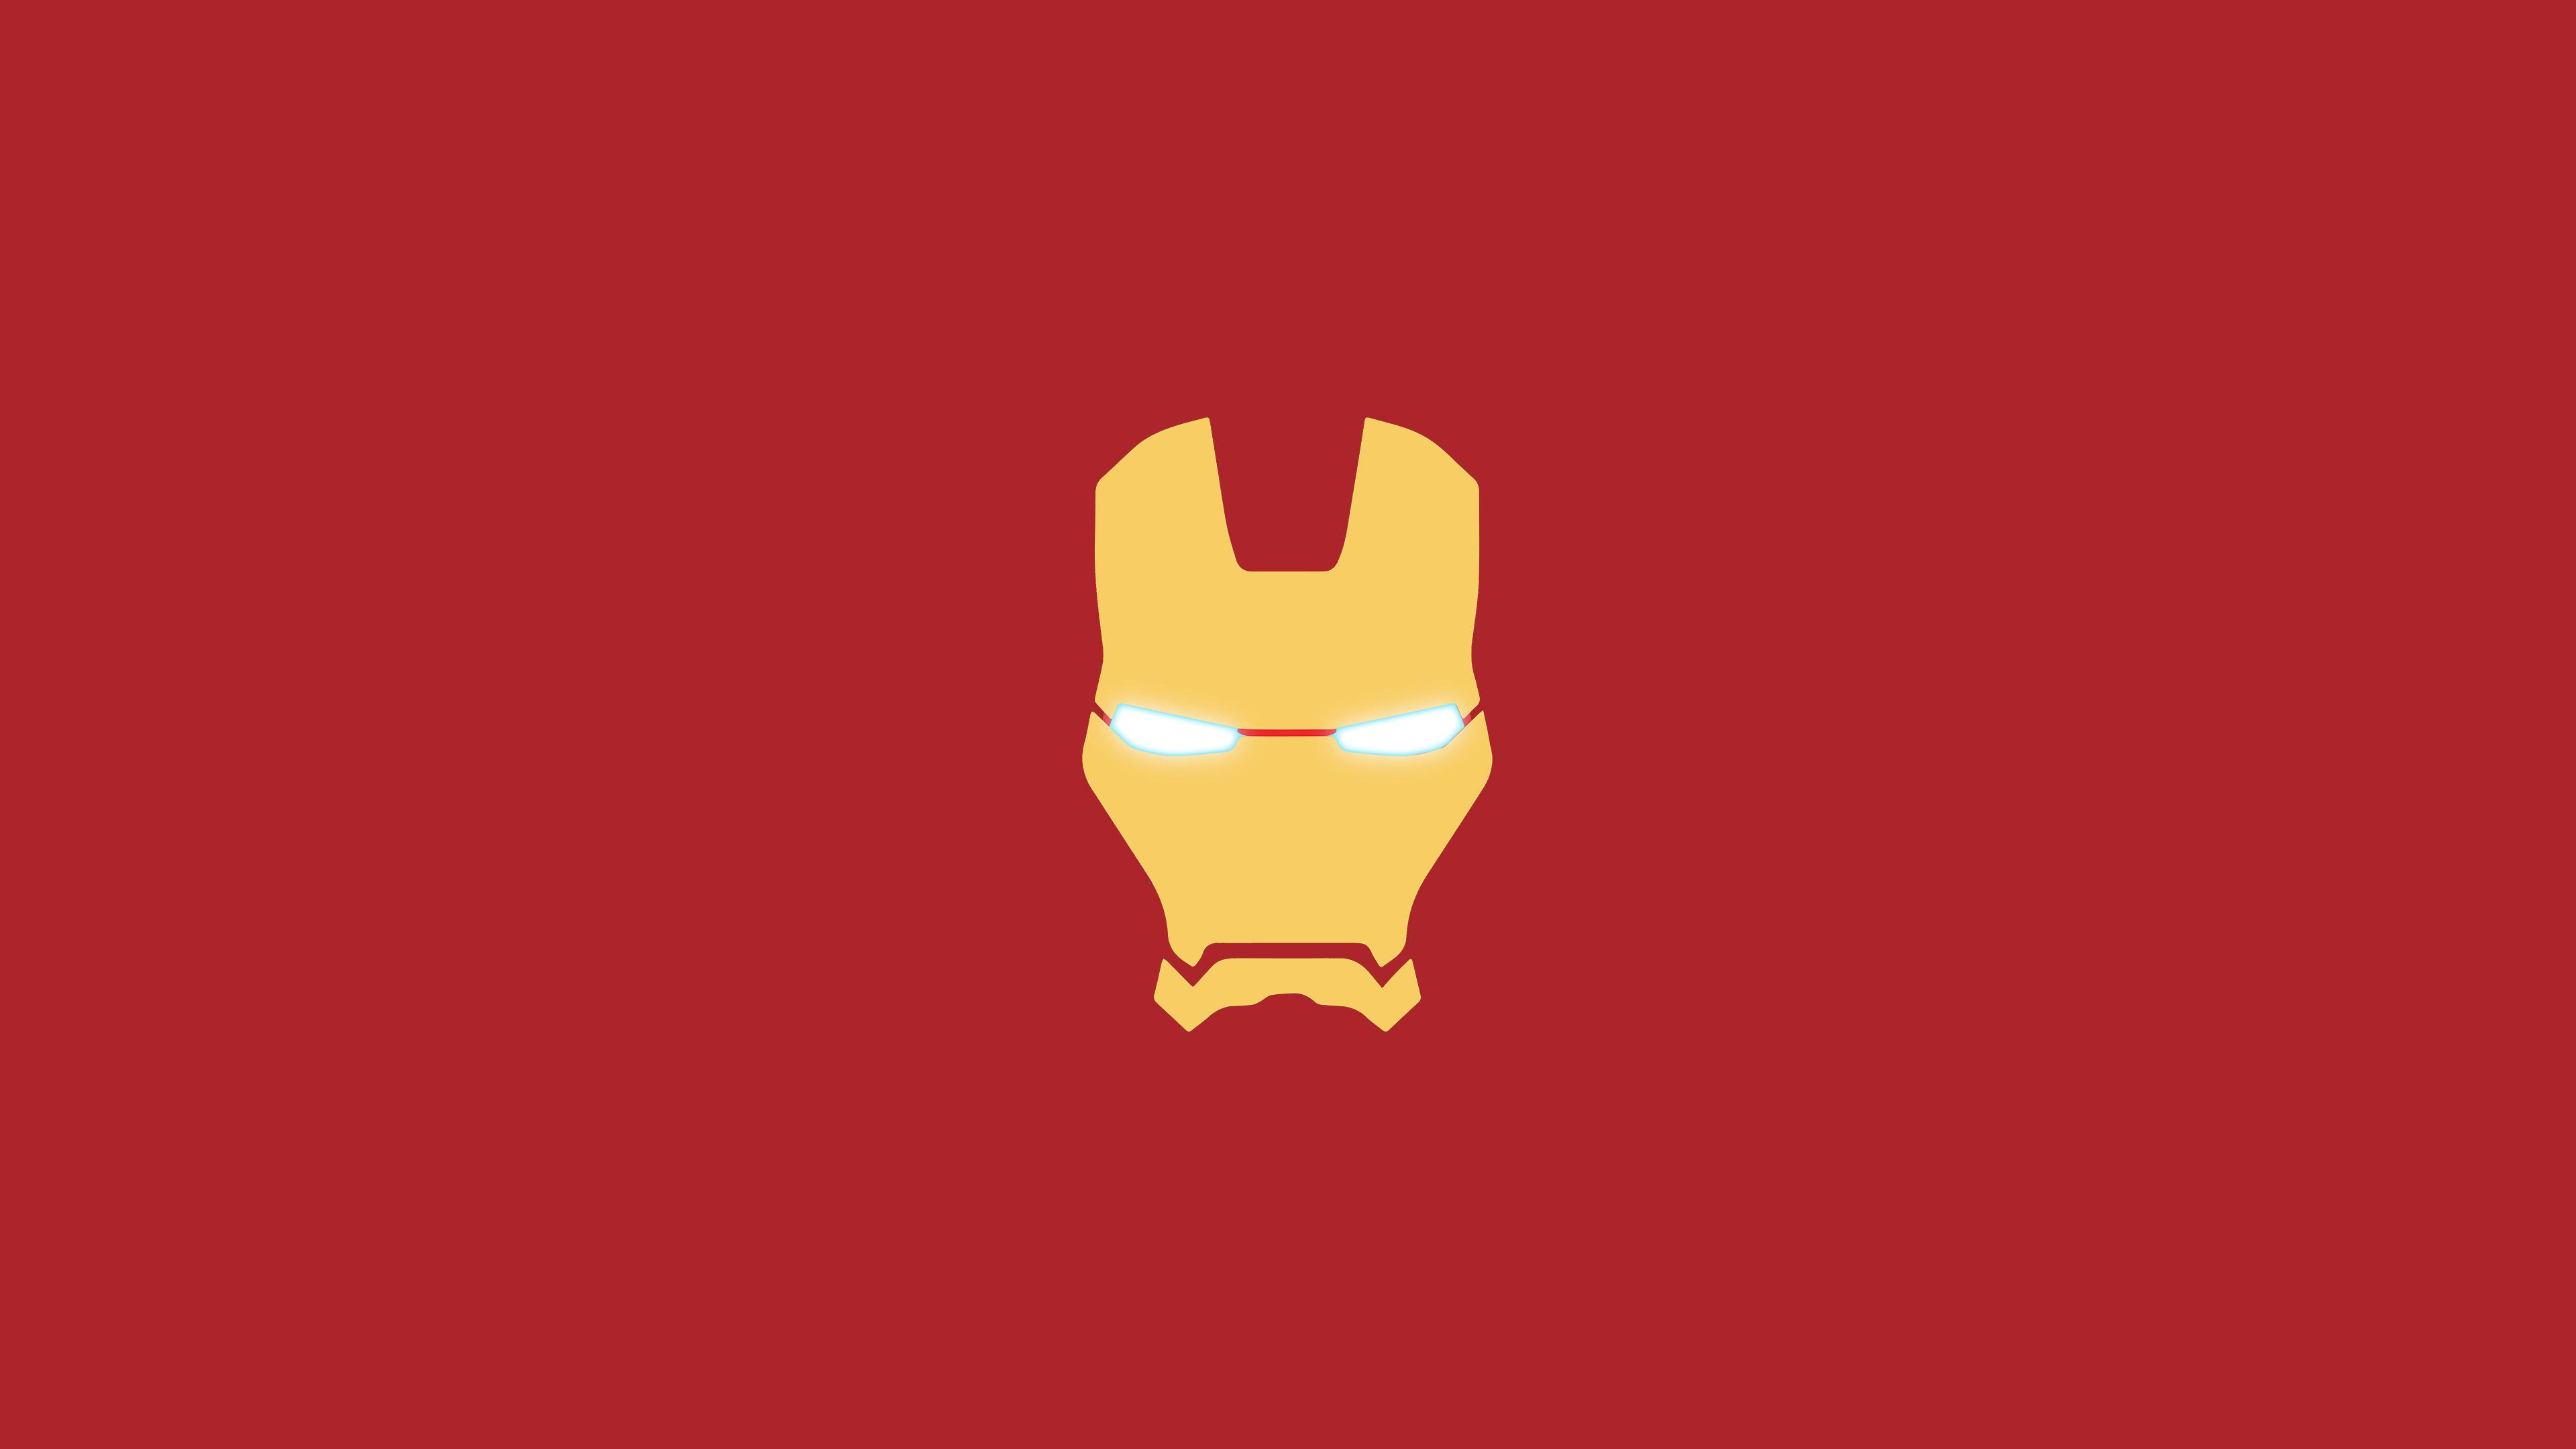 Iron Man Mask Minimal, HD Logo, 4k Wallpapers, Images ...